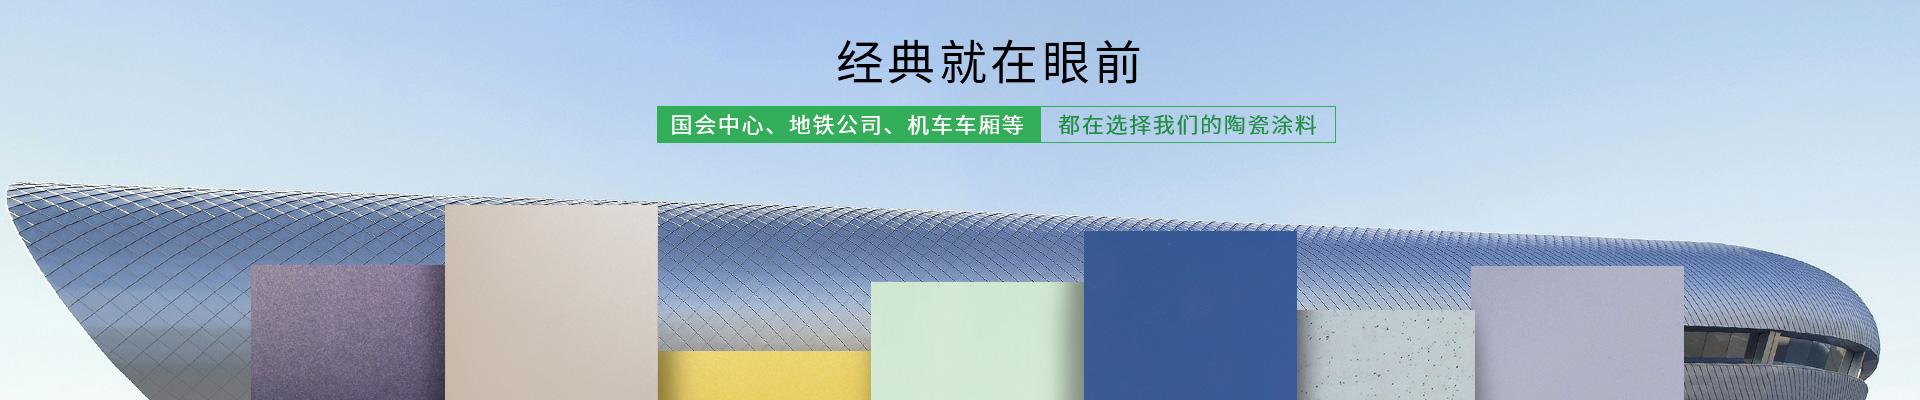 英特宝-中车公司、国家会议中心、天津地铁线都在选用的陶瓷涂料